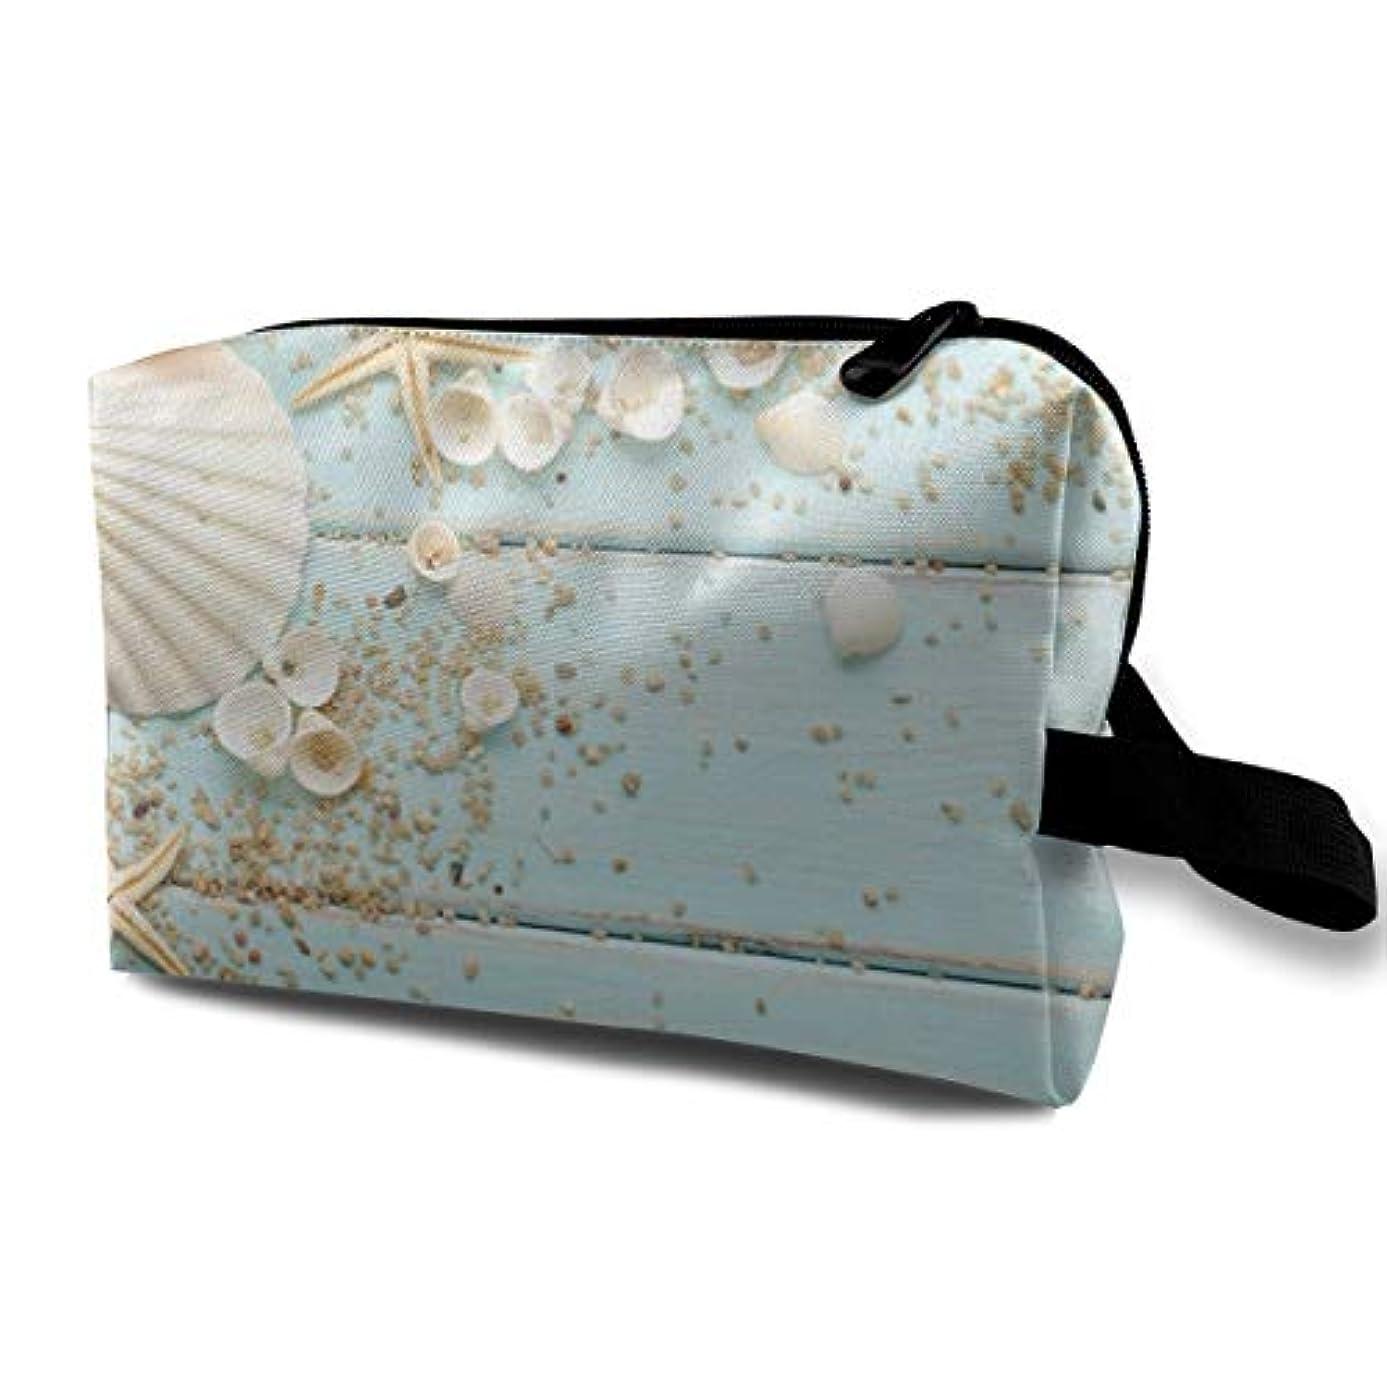 マラウイ解決するコーチStarfish Shells Pebbles Decoration 収納ポーチ 化粧ポーチ 大容量 軽量 耐久性 ハンドル付持ち運び便利。入れ 自宅・出張・旅行・アウトドア撮影などに対応。メンズ レディース トラベルグッズ